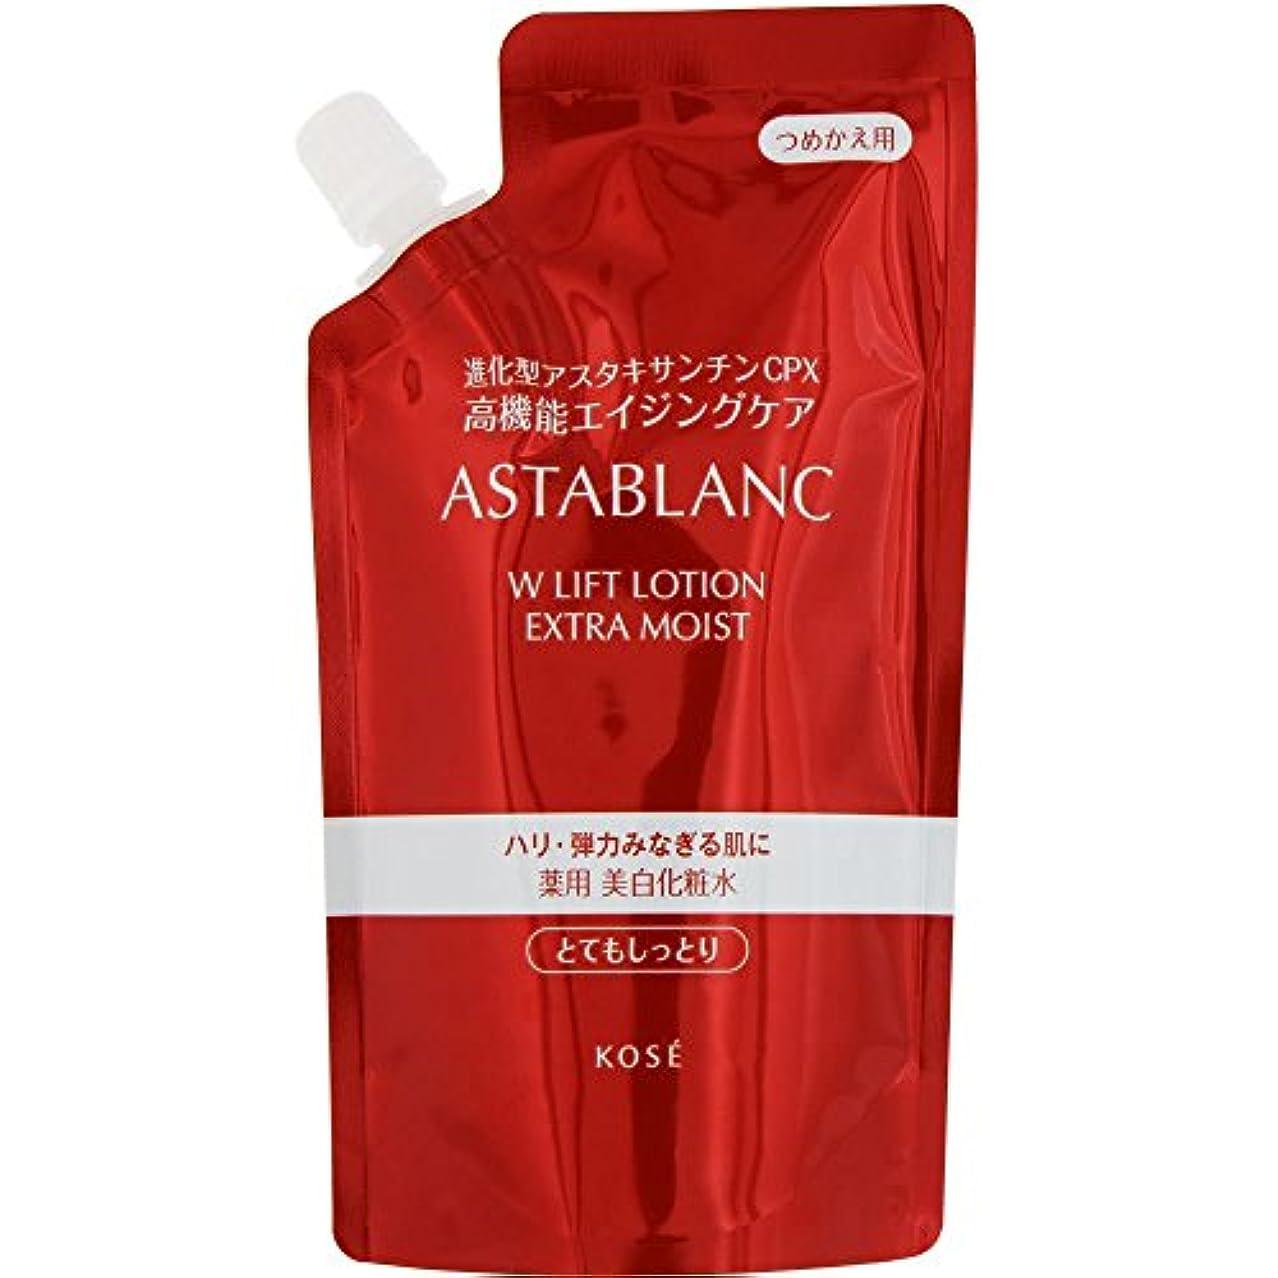 はい瞑想的医薬ASTABLANC(アスタブラン) アスタブラン Wリフト ローション とてもしっとり 化粧水 詰替え用 130mL